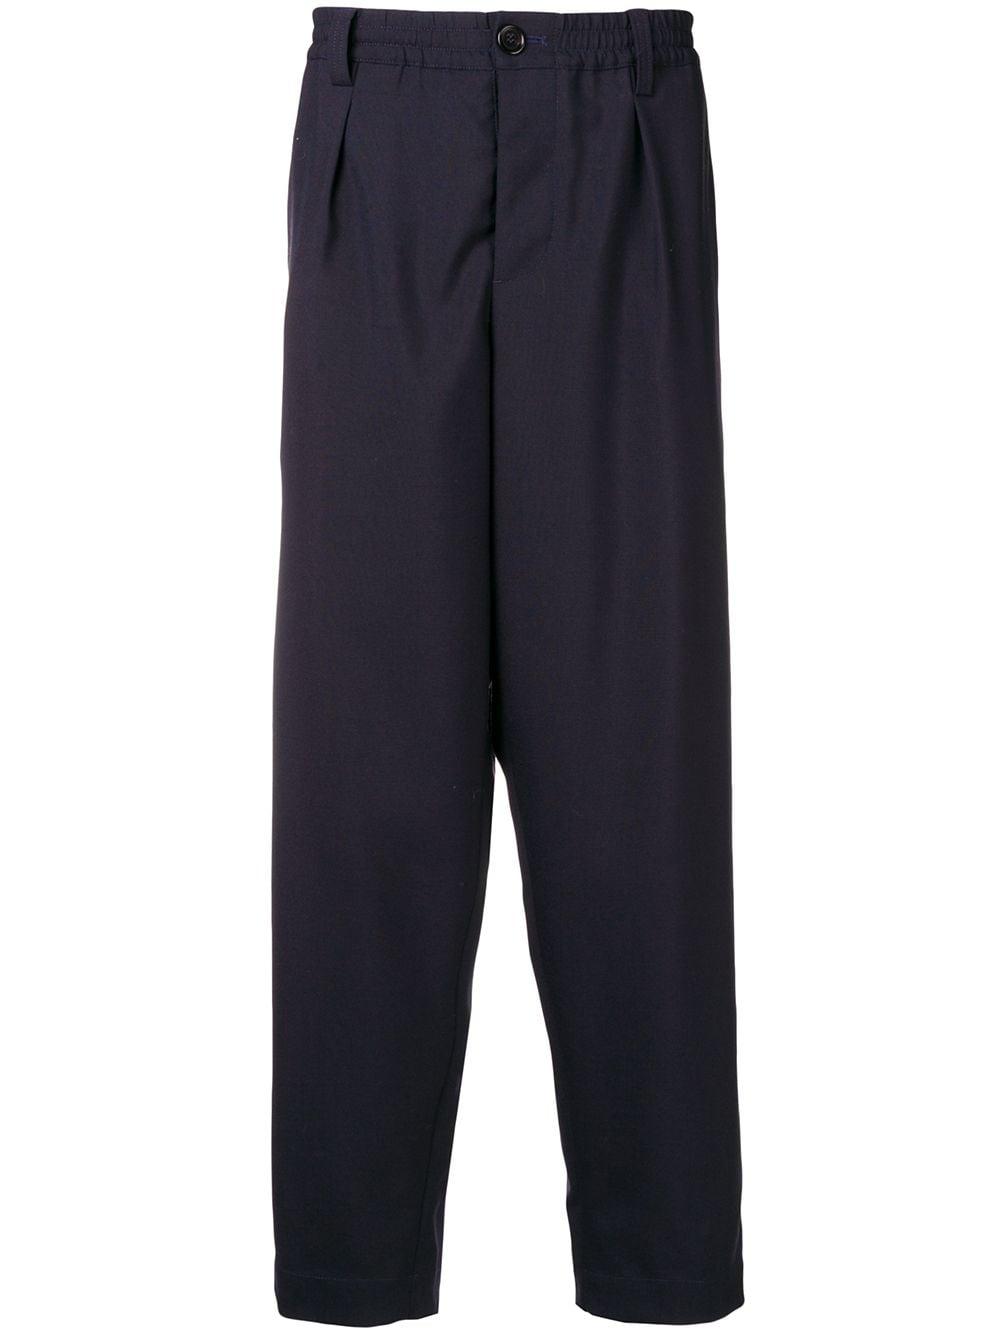 Marni pantaloni sartoriali uomo MARNI | Pantaloni | PUMU0017A0 S4545500B99